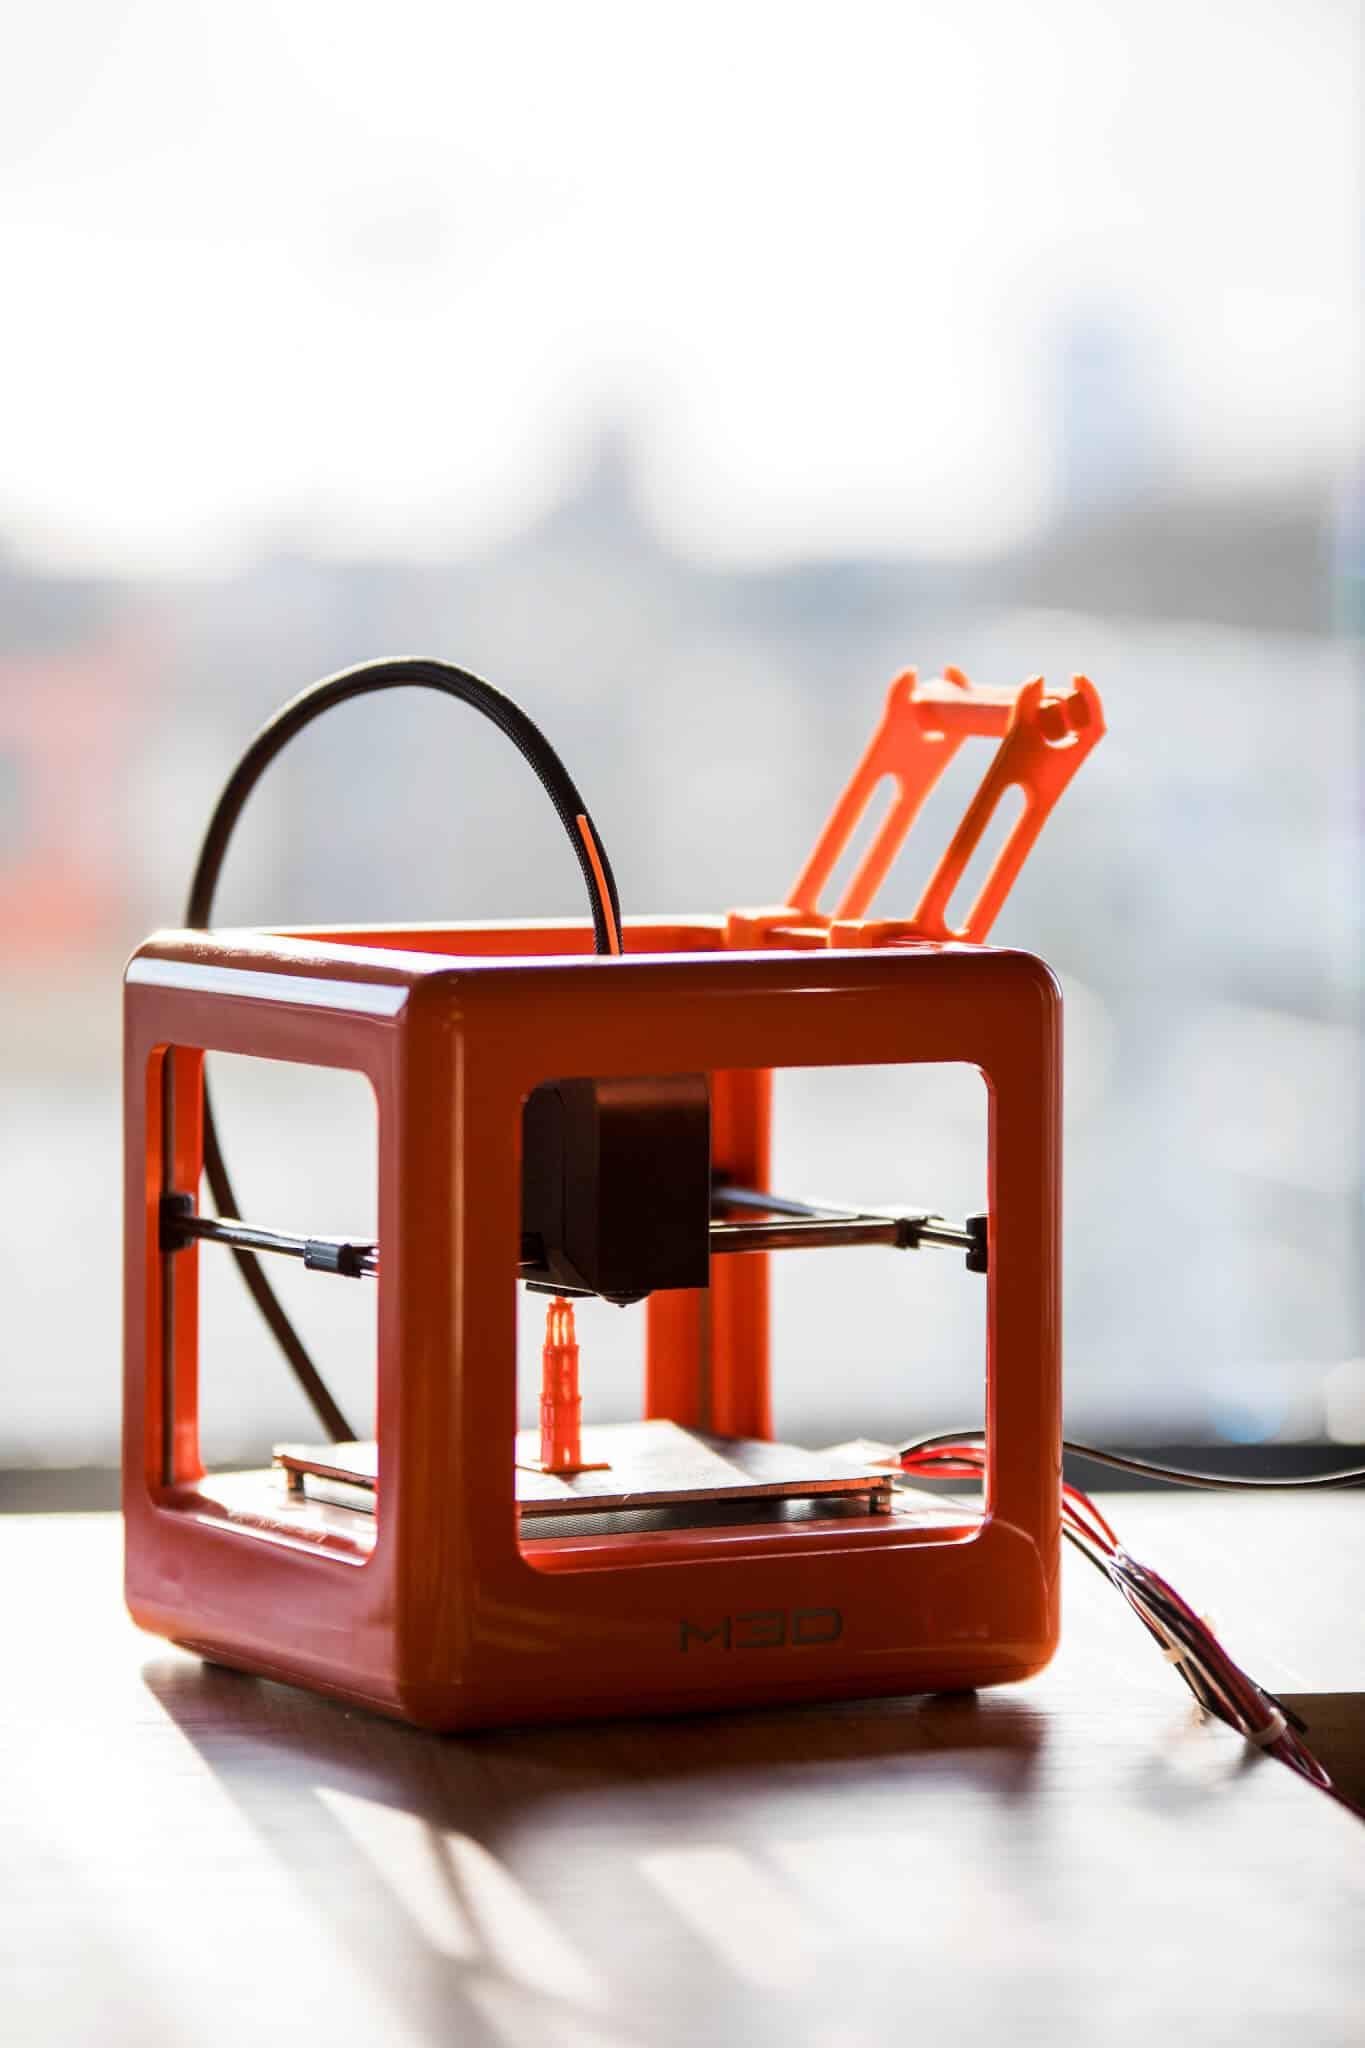 Interieurarchitect Wildenberg ontwerpt hoofdkantoor Infi 3D printer